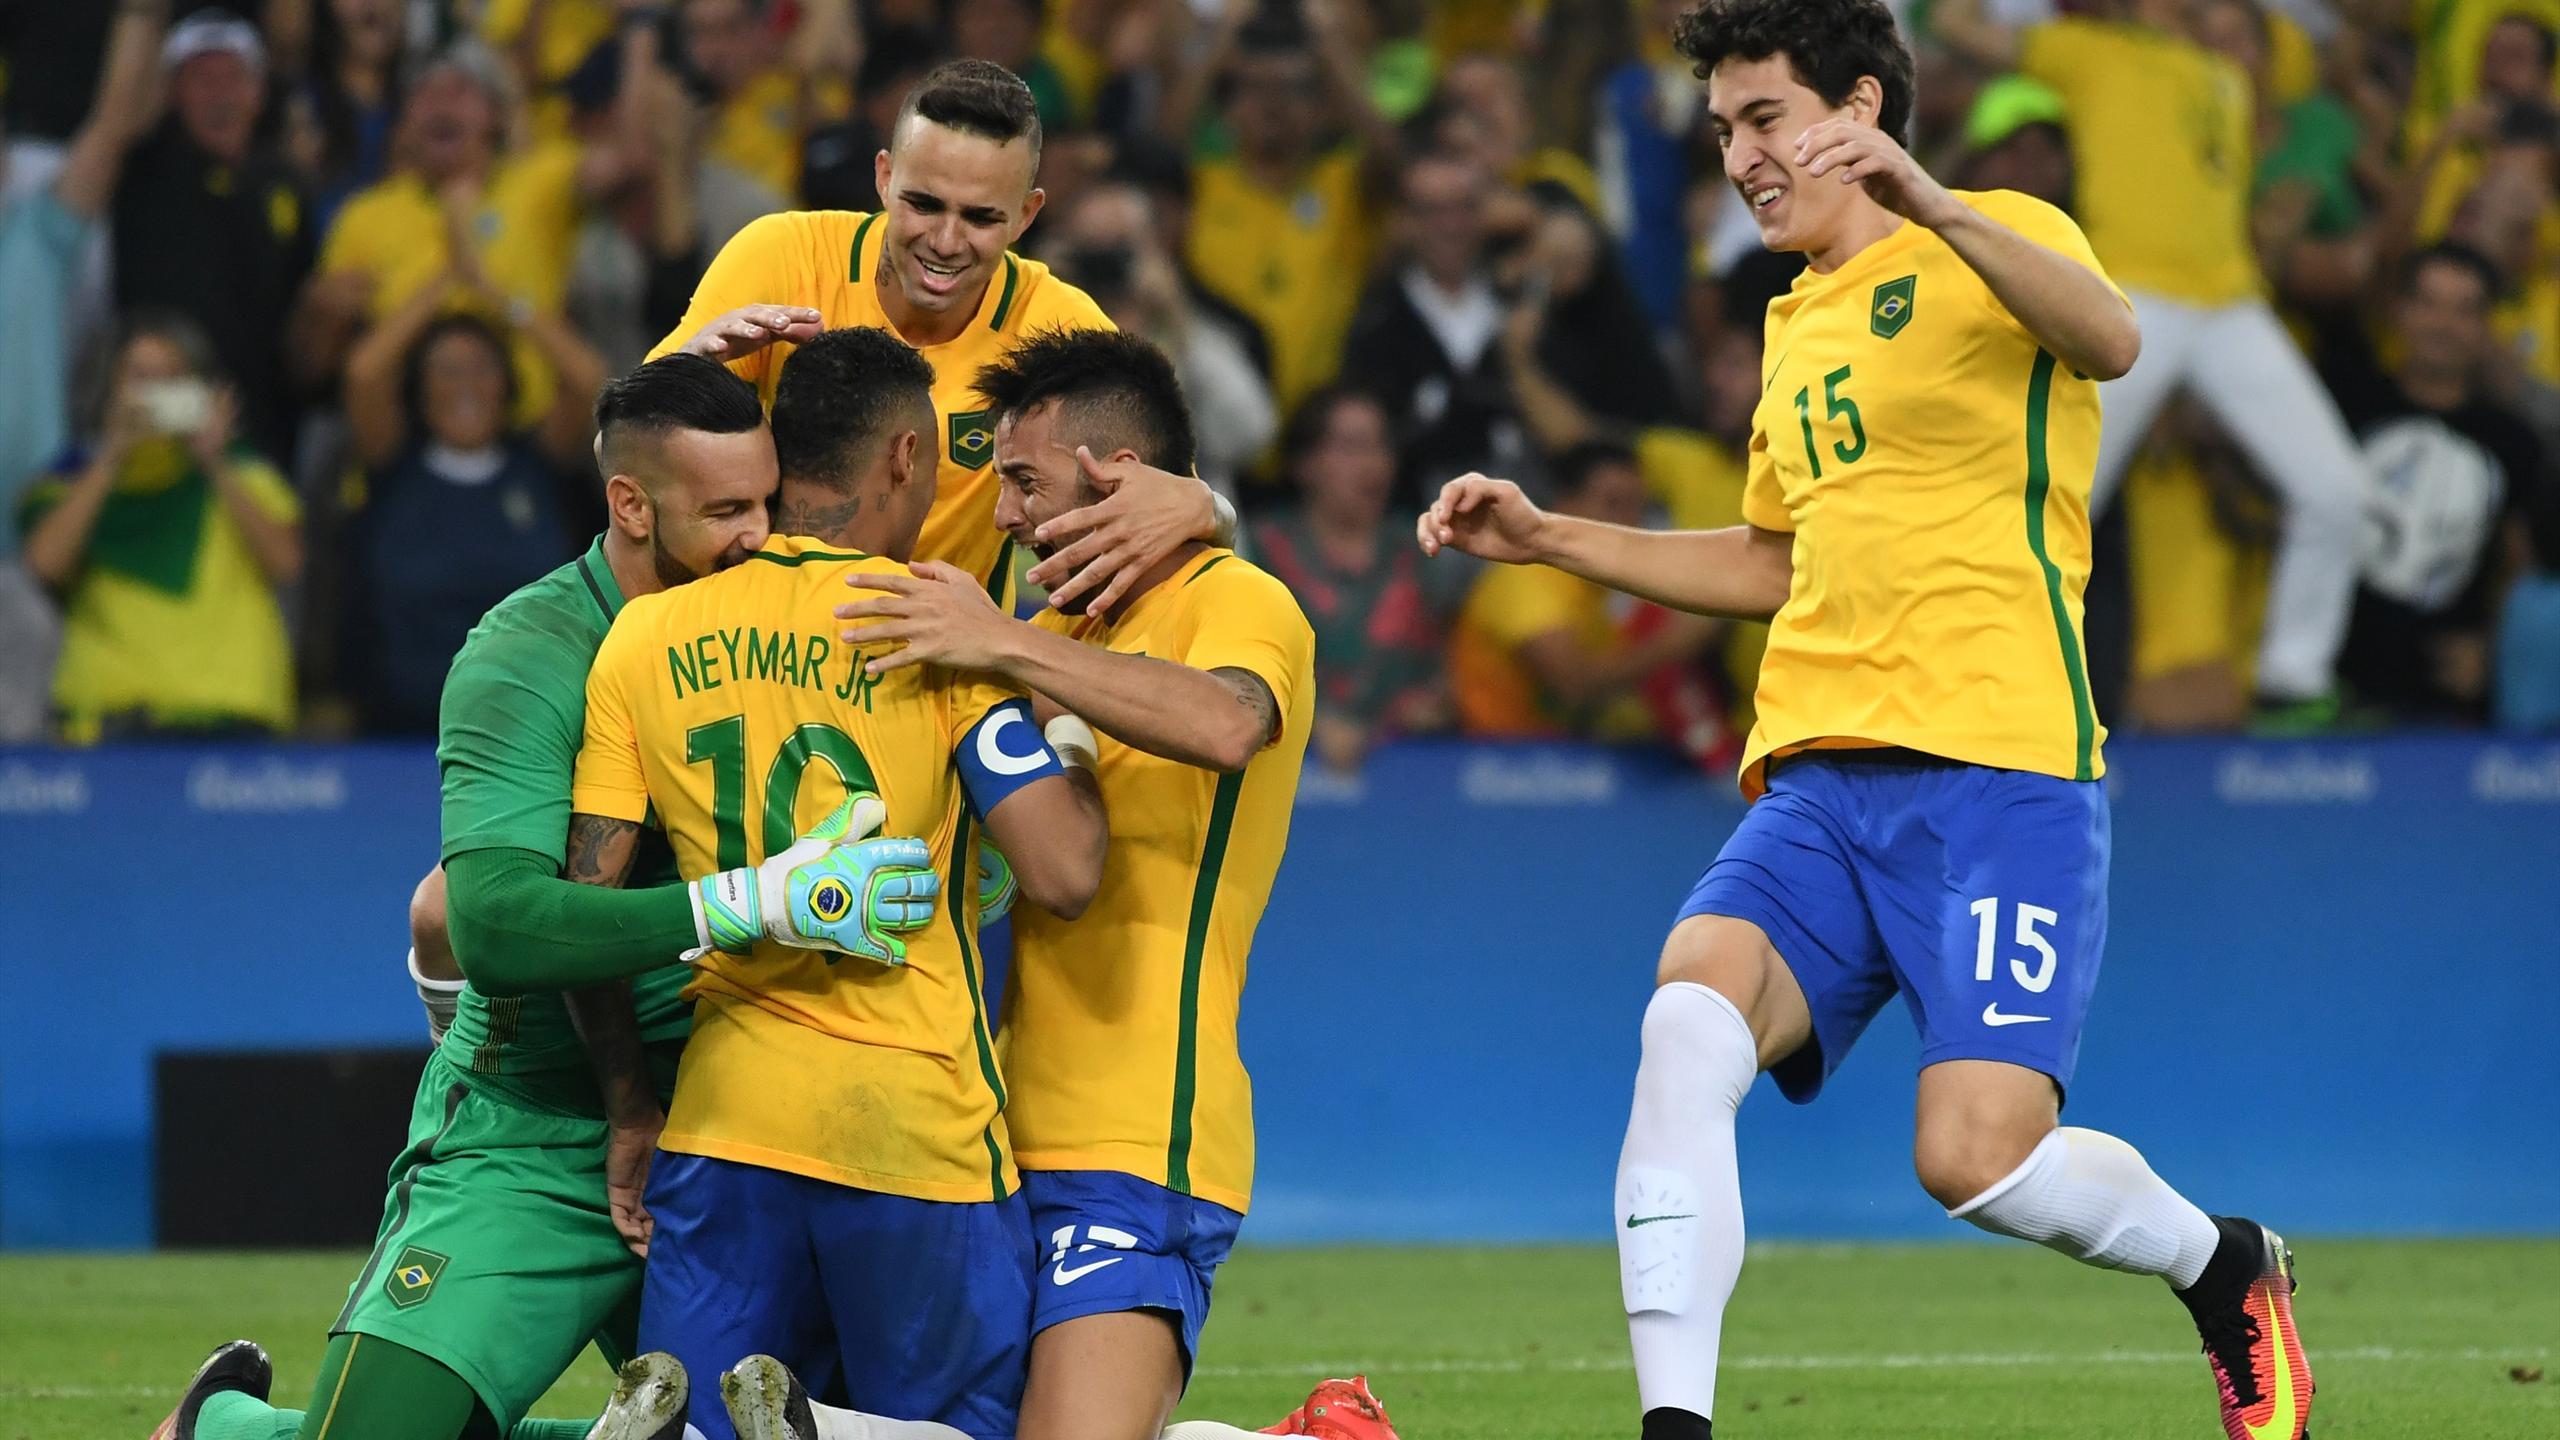 Fussball Olympia Mannschaft Brasilien Brocken Inselsbergde